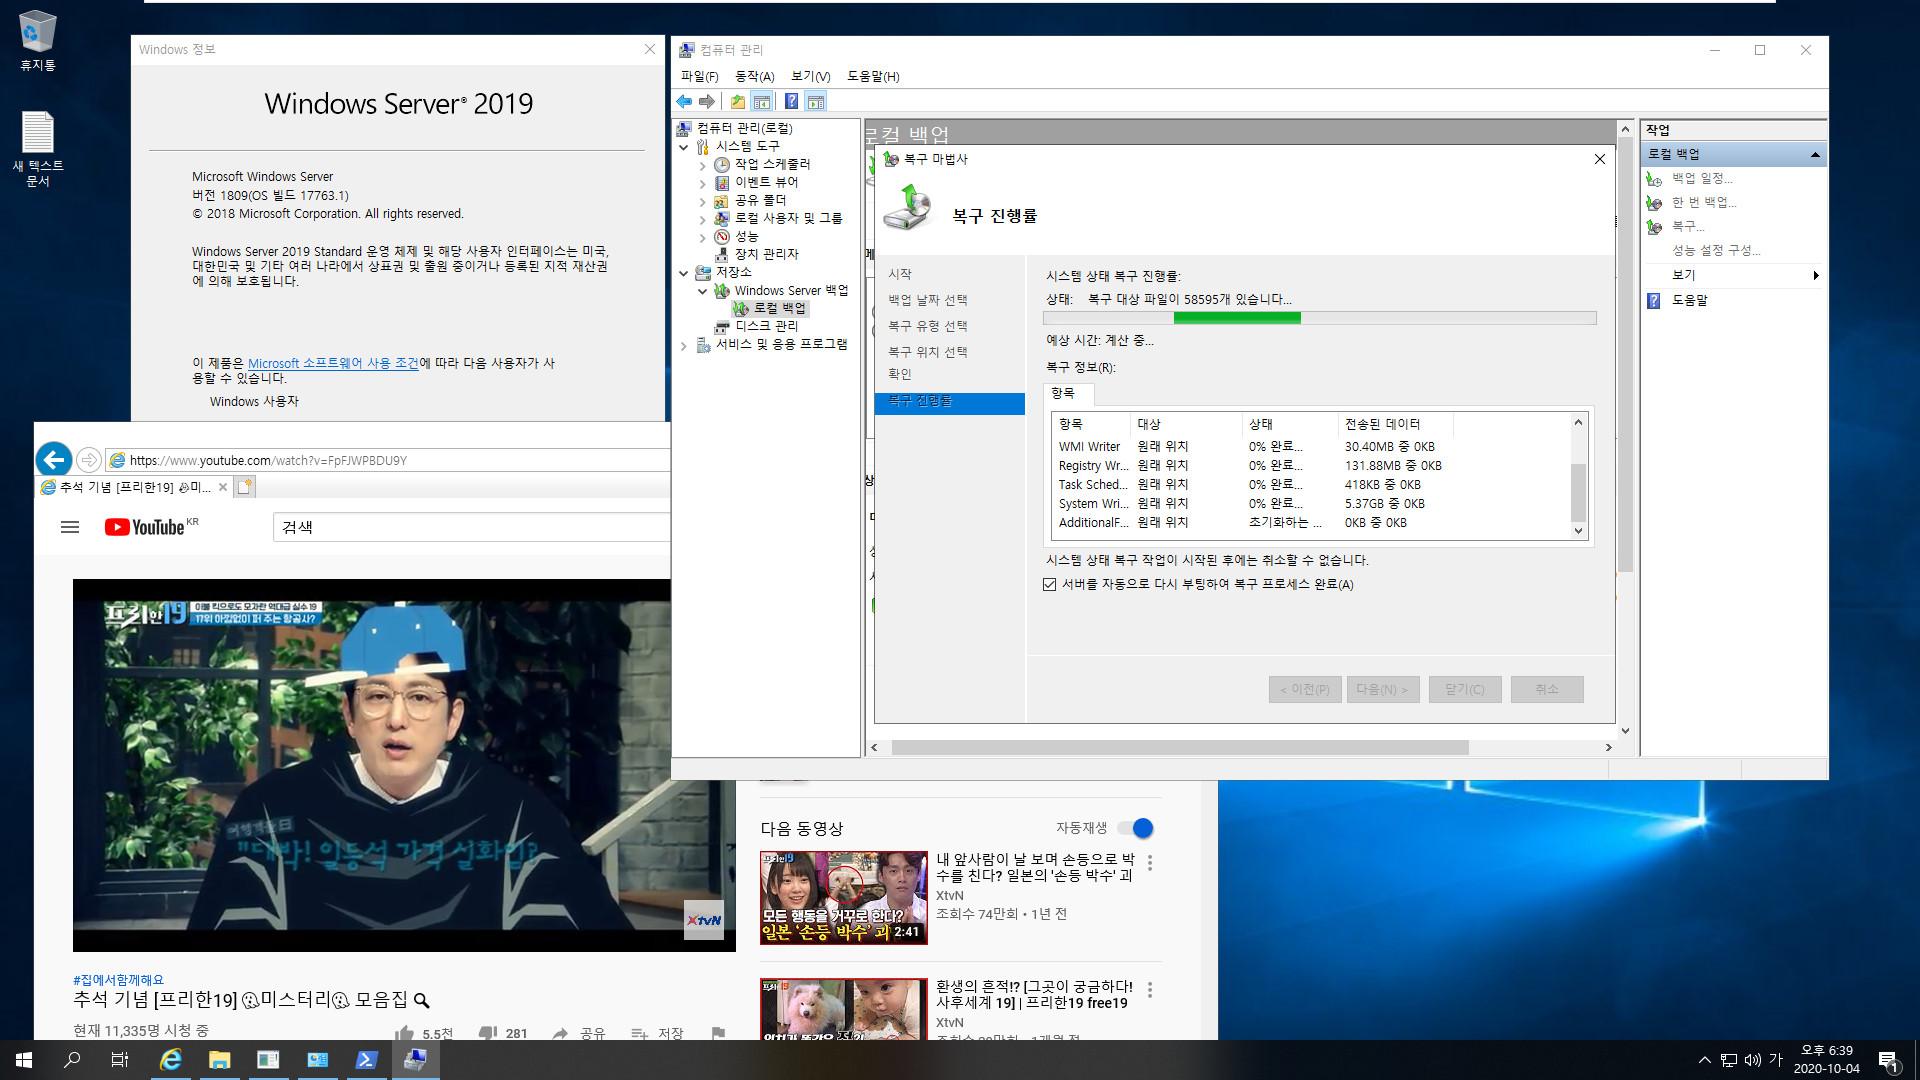 윈도우 서버군은 윈도우 사용중에도 자체 WBadmin 명령으로 윈도우 복구를 합니다 - Windows Server 2019로 복구 테스트 2020-10-04_183924.jpg